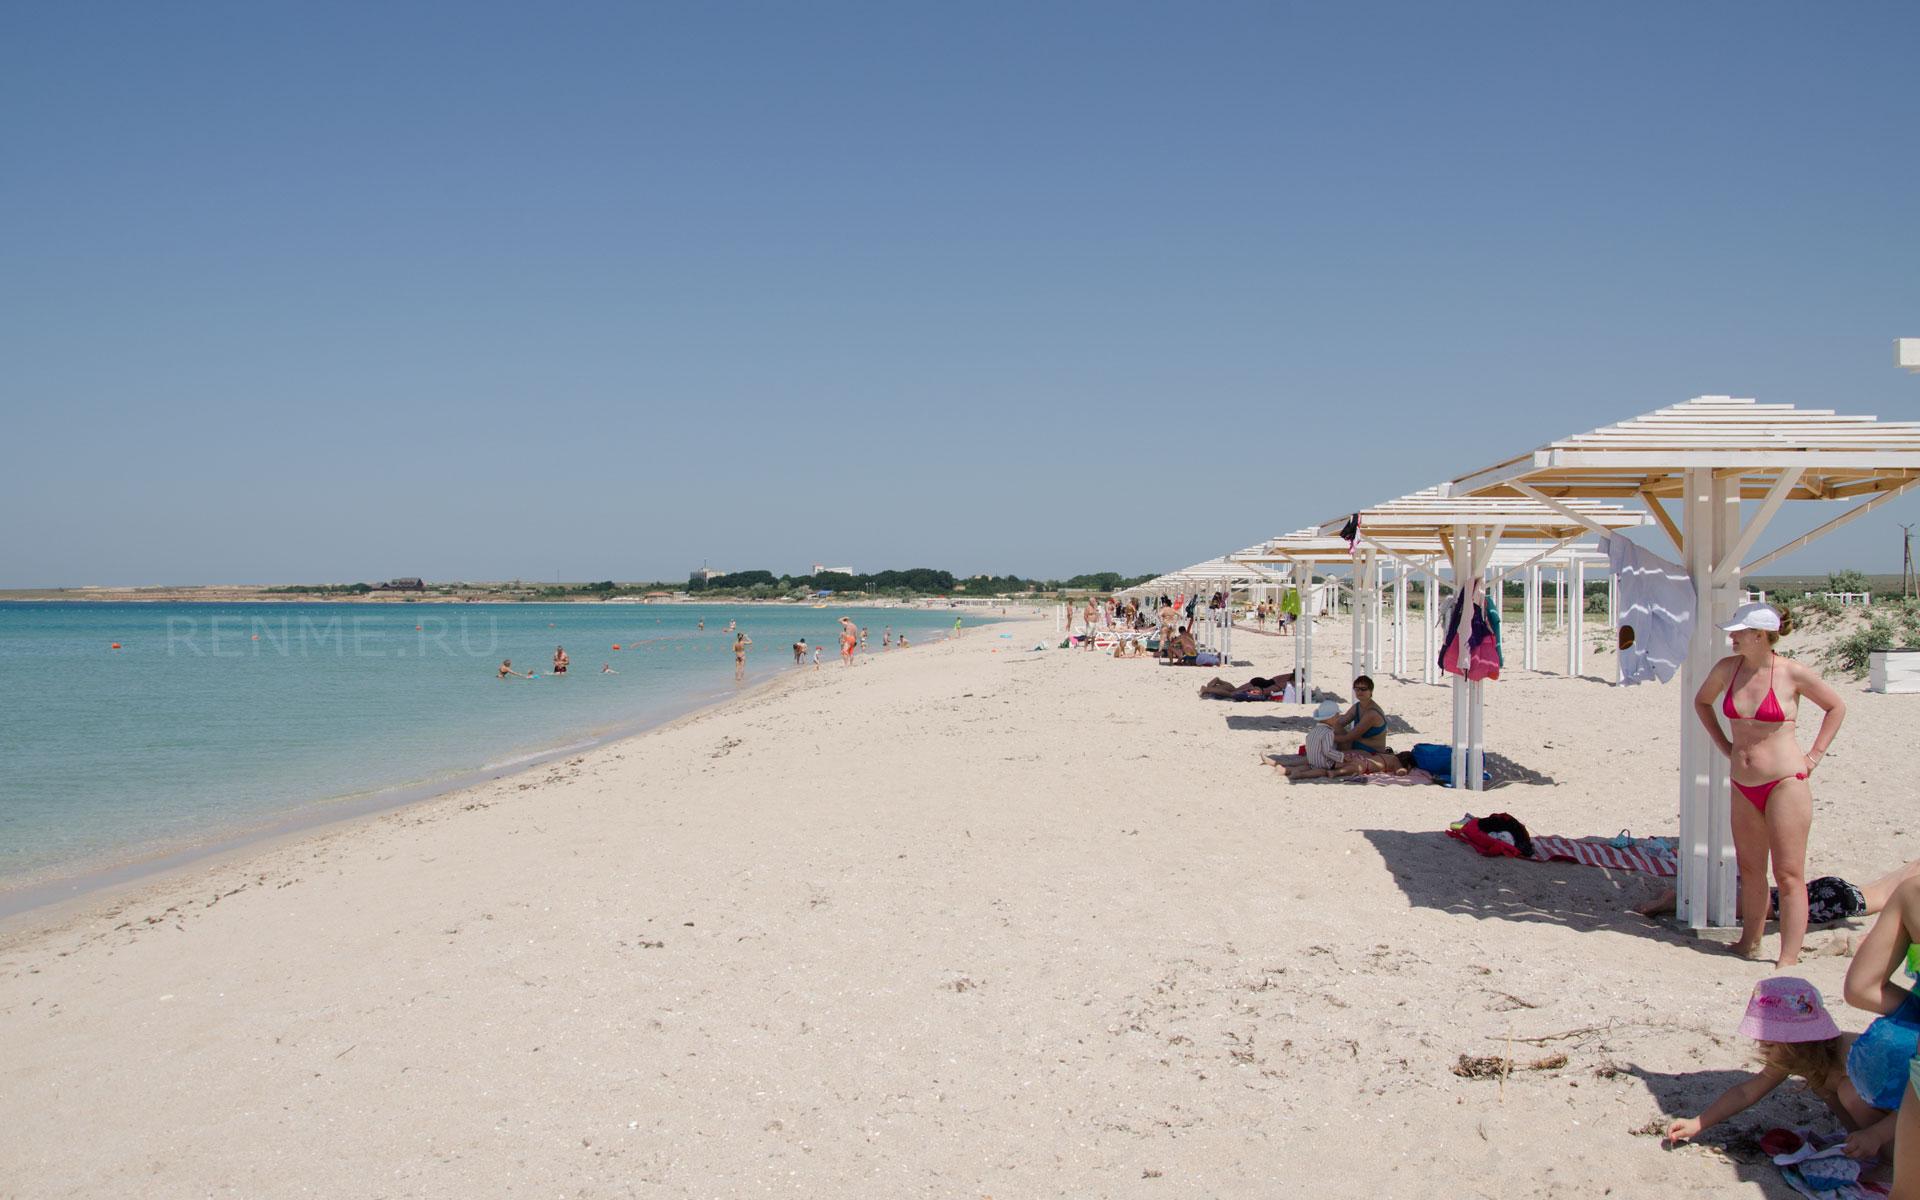 Песчаный пляж и чистое море. Фото Оленевки